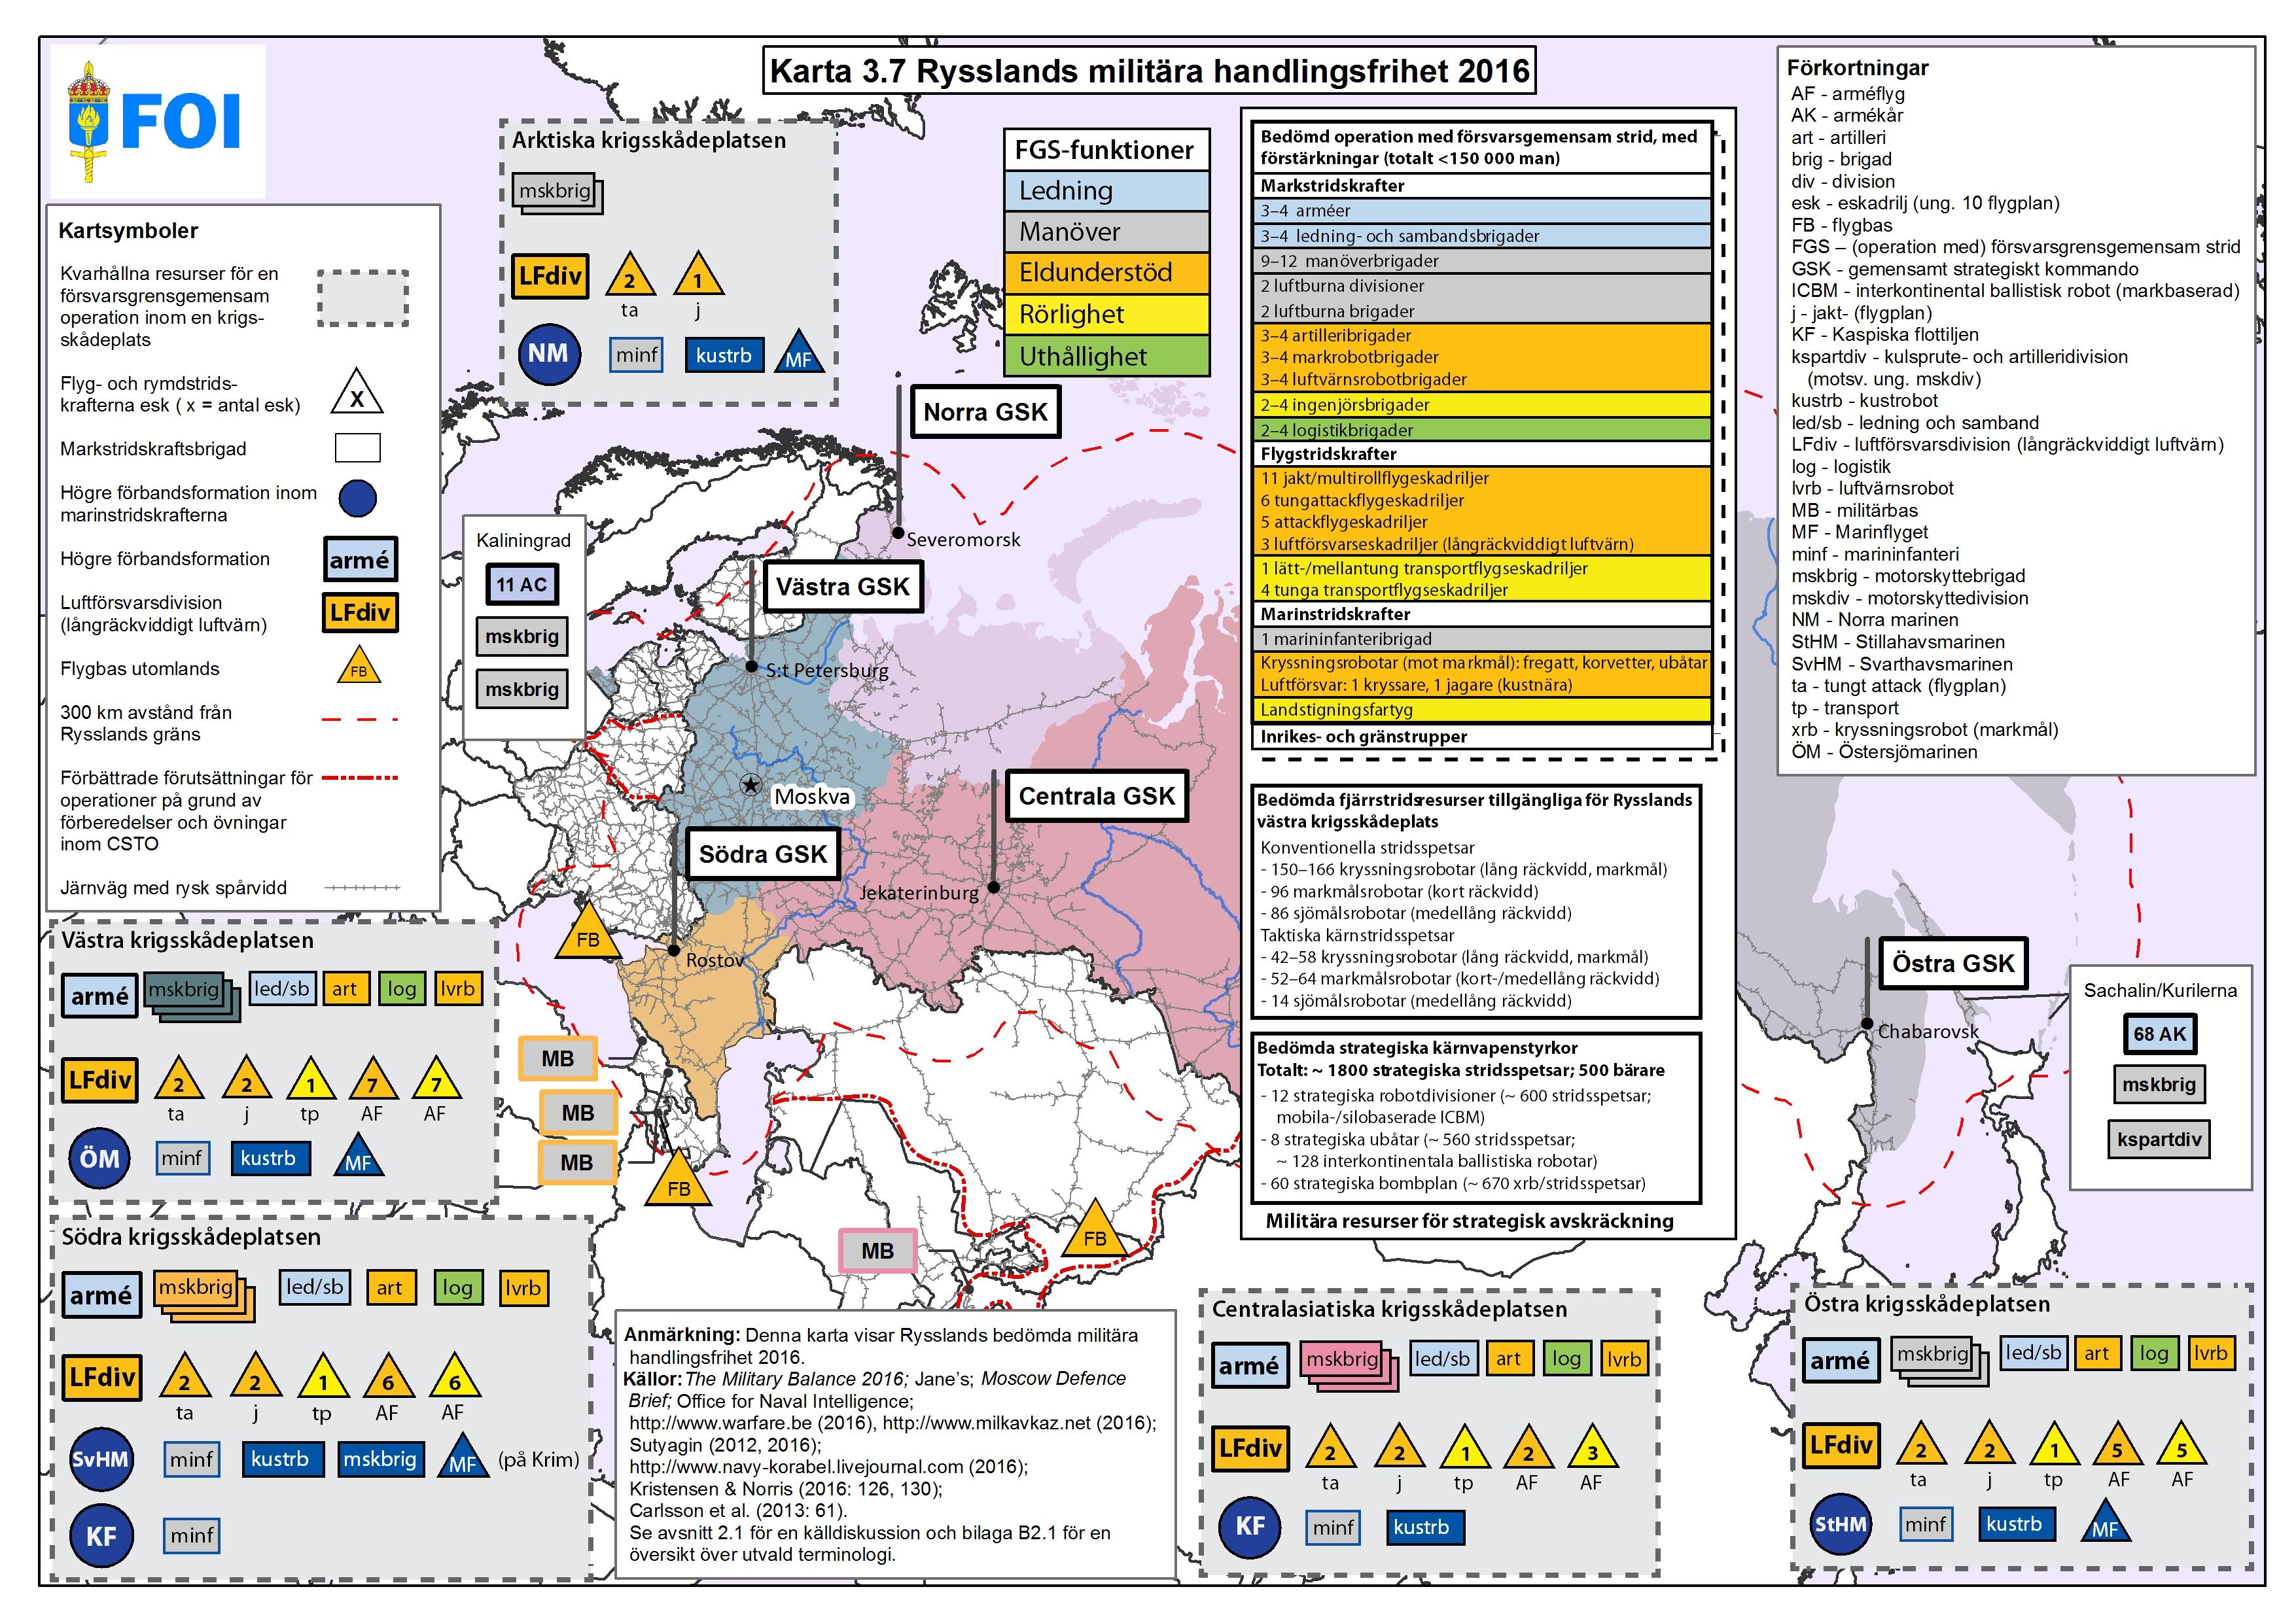 Karta Och Avstand.Kartor Totalforsvarets Forskningsinstitut Foi